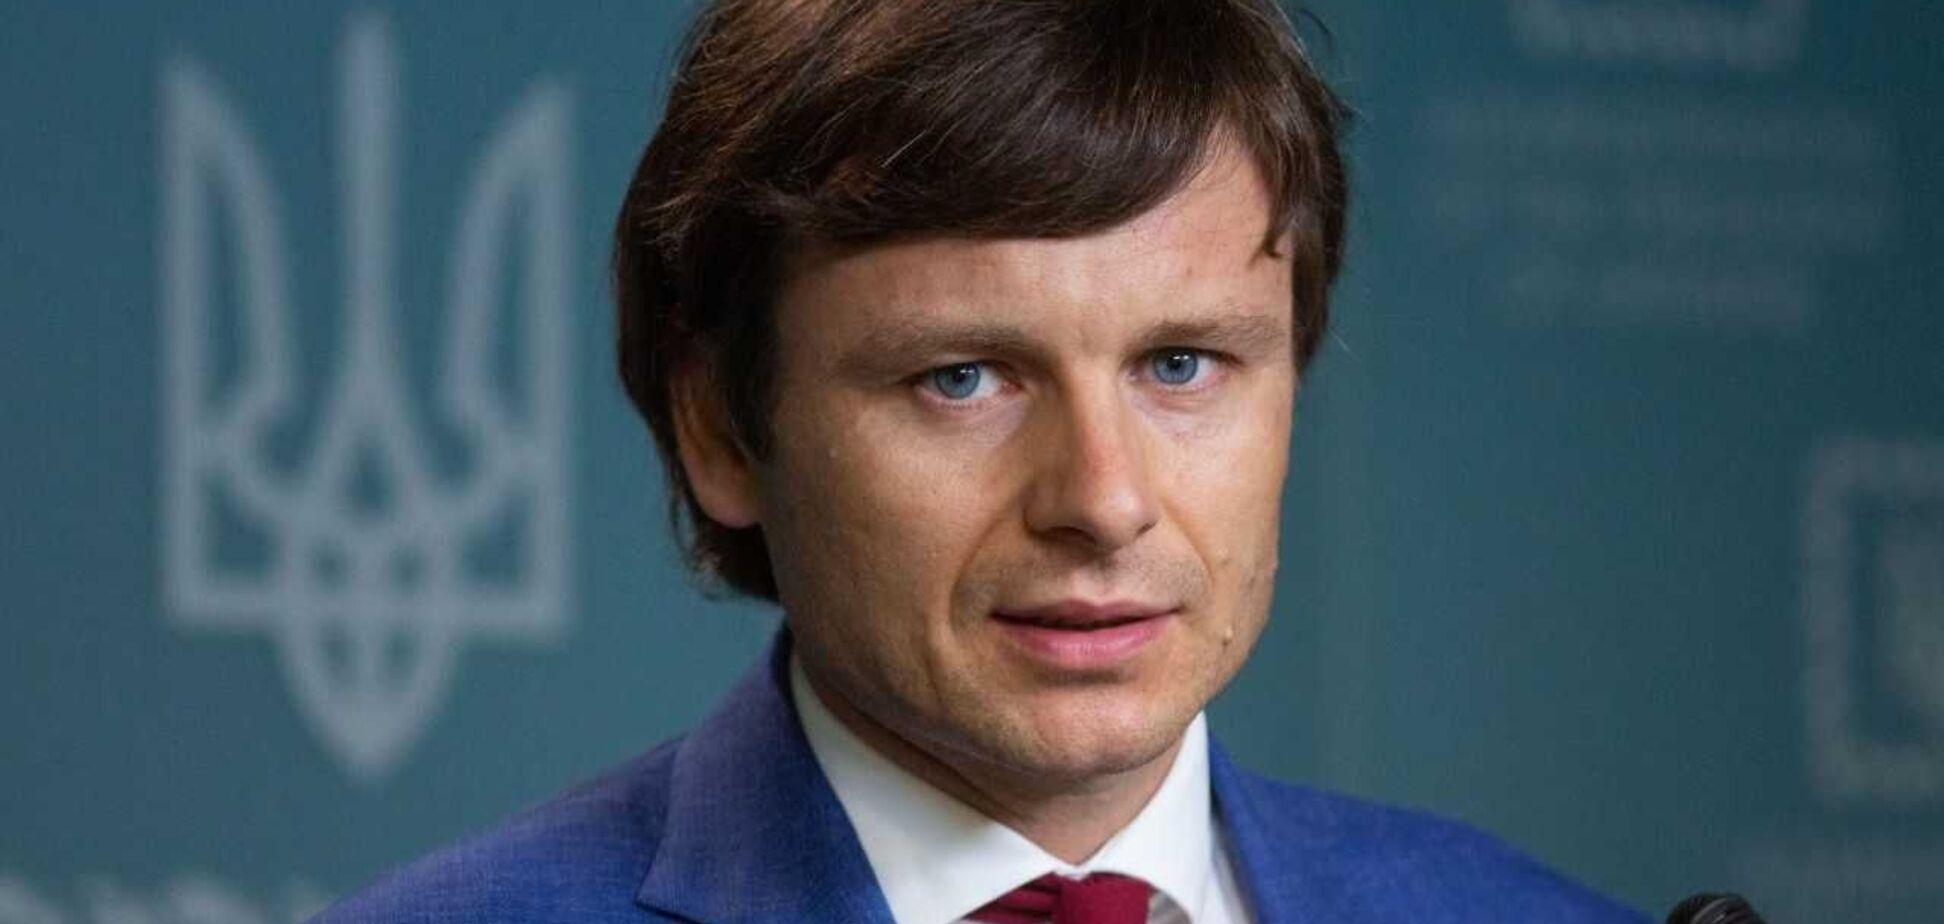 Саакашвілі: міністр фінансів Марченко причетний до корупційних схем